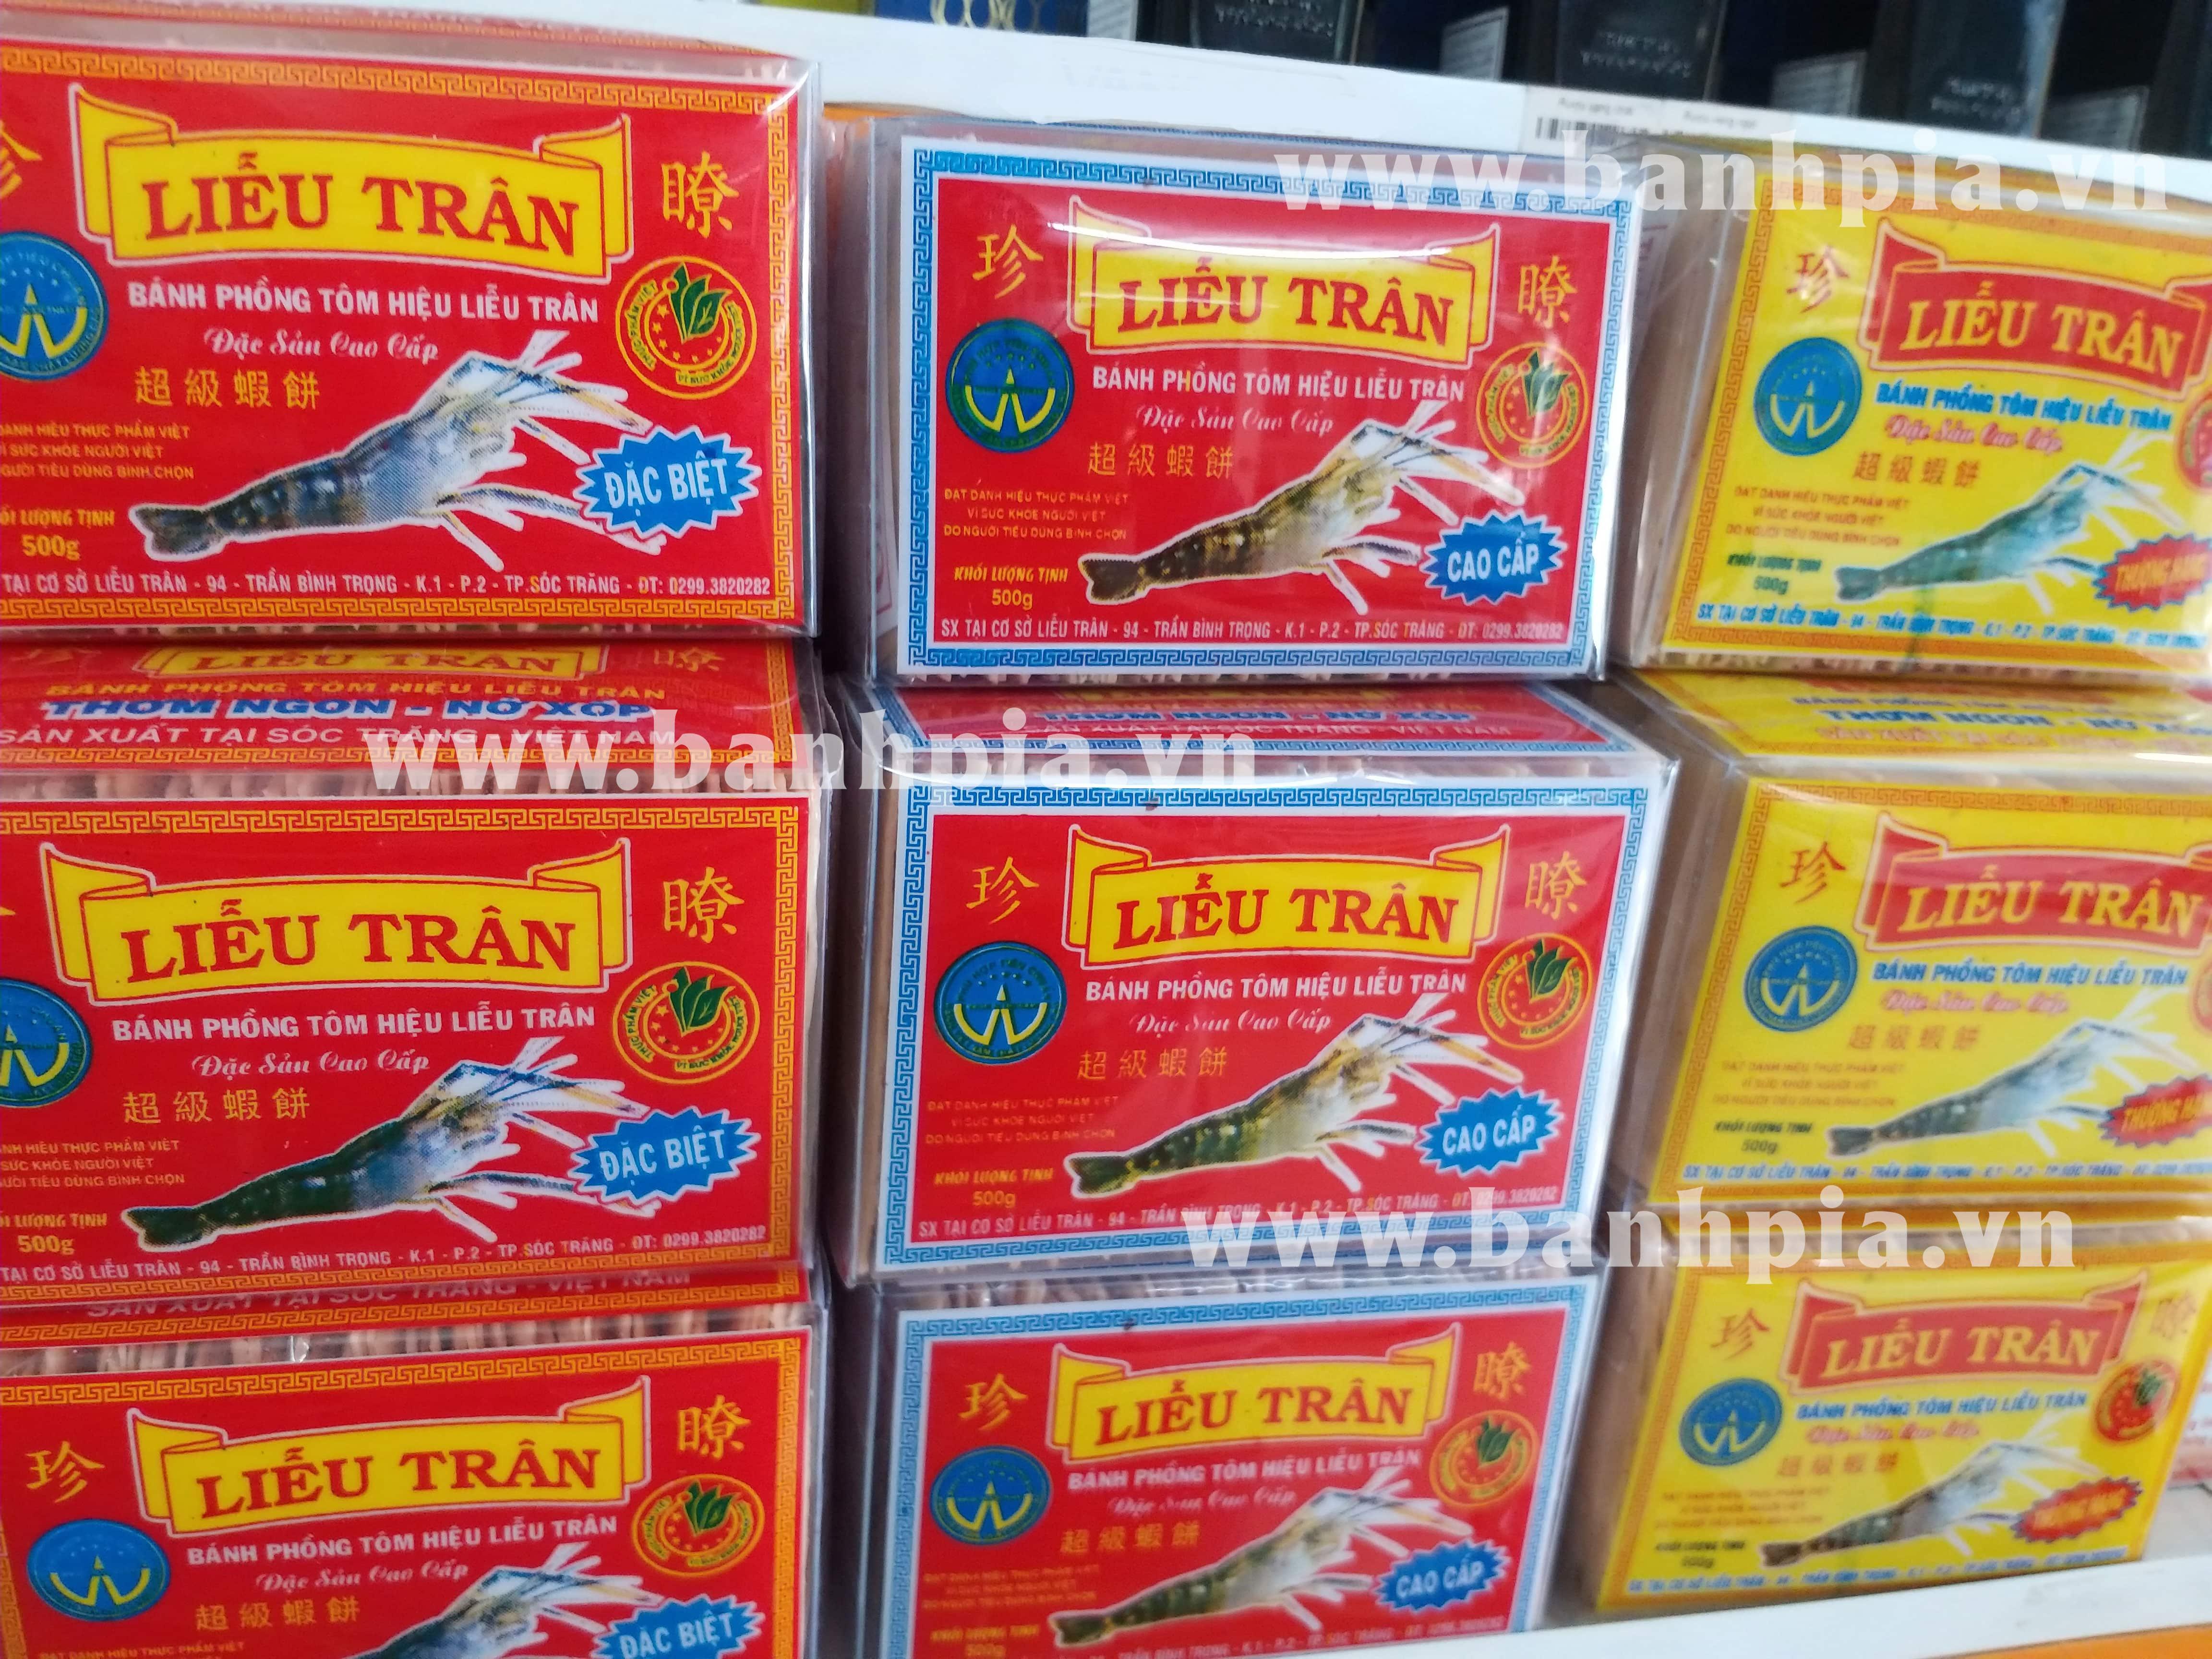 3 dòng sản phẩm bánh phồng tôm Liễu Trân